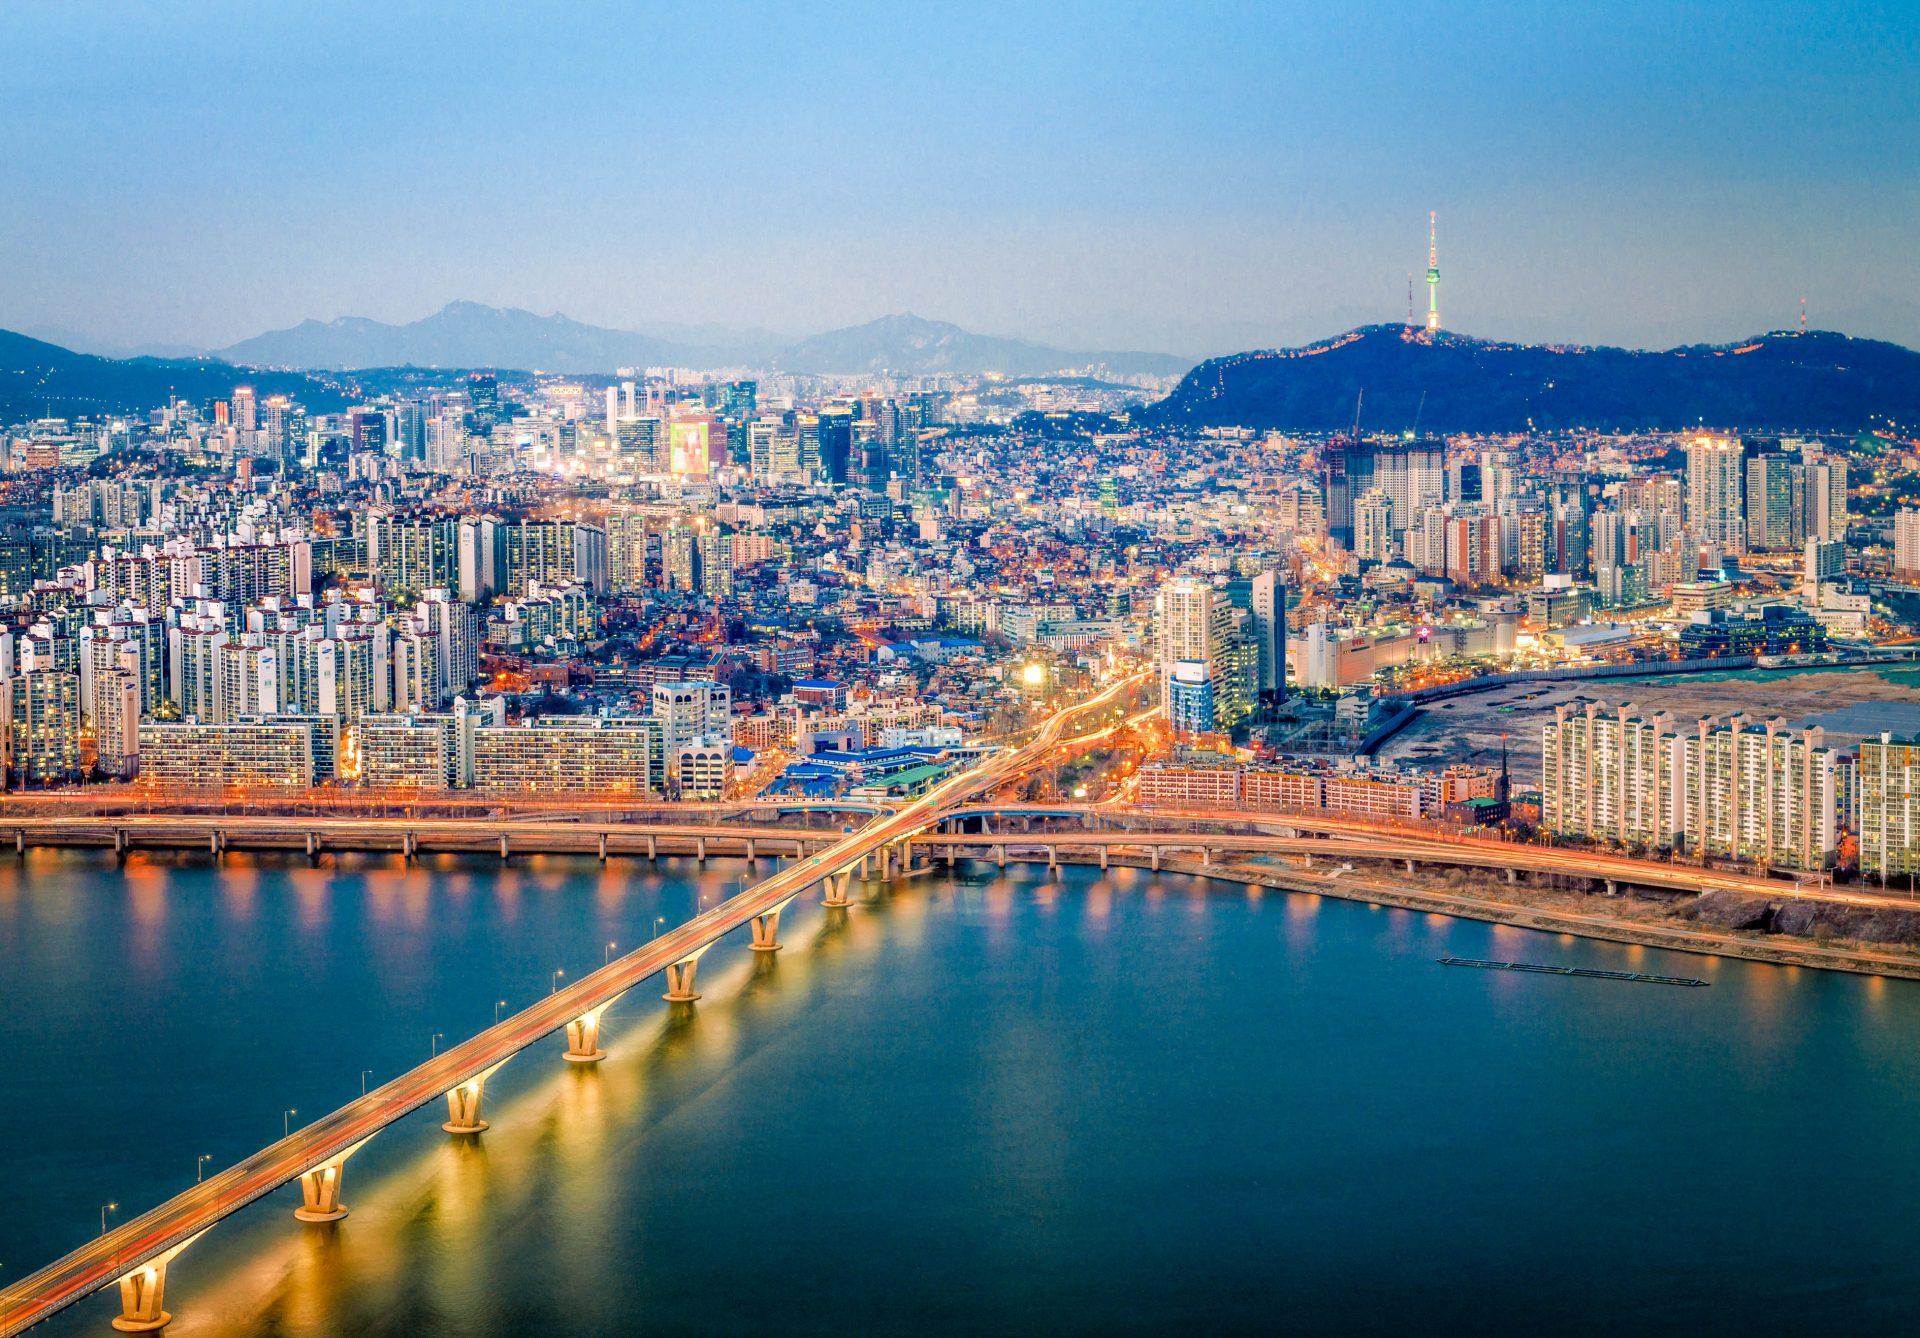 Die Skyline von Seoul in Südkorea